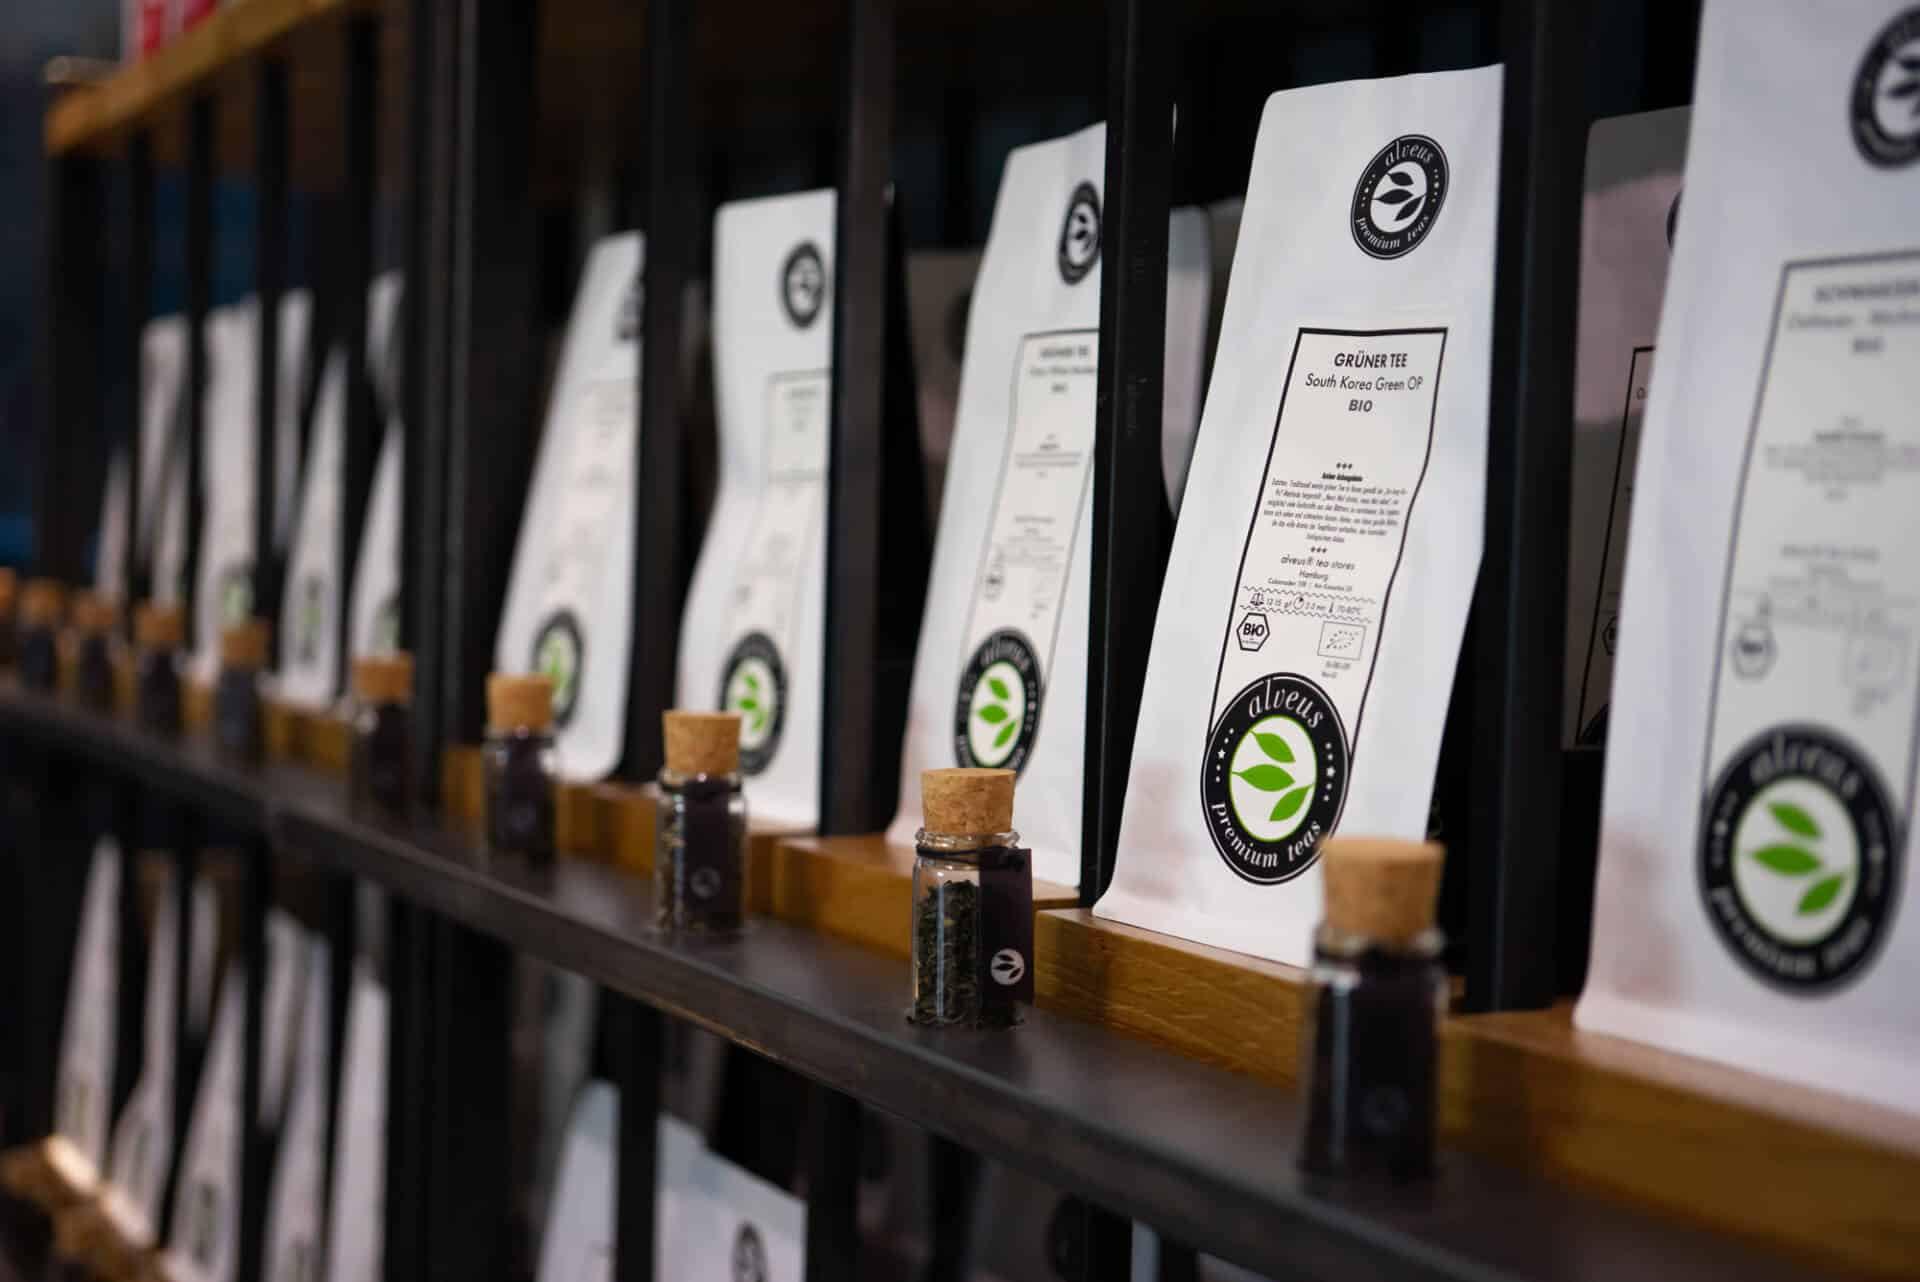 Tee-Verkaufs-Regal mit Tester-Gläsern zum Riechen und Sehen des Tees perfektes design von Lange Architekten aus schwarzem Stahl und Eichenholz im im alveus Bio Tea-Store in der HafenCity Hamburg unweit der Elbphilharmonie